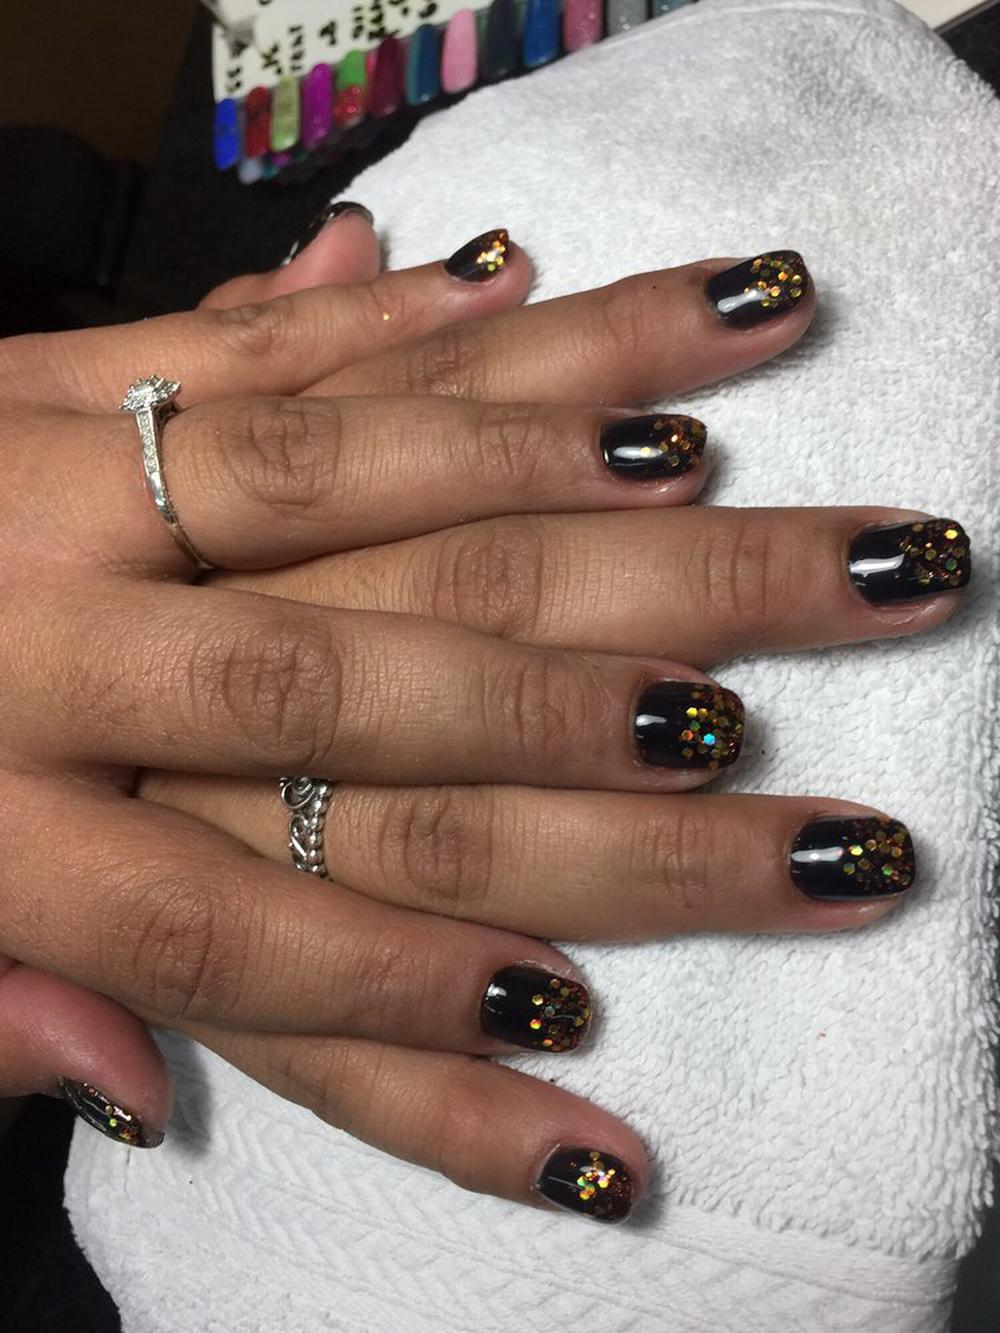 World Nails & Spa